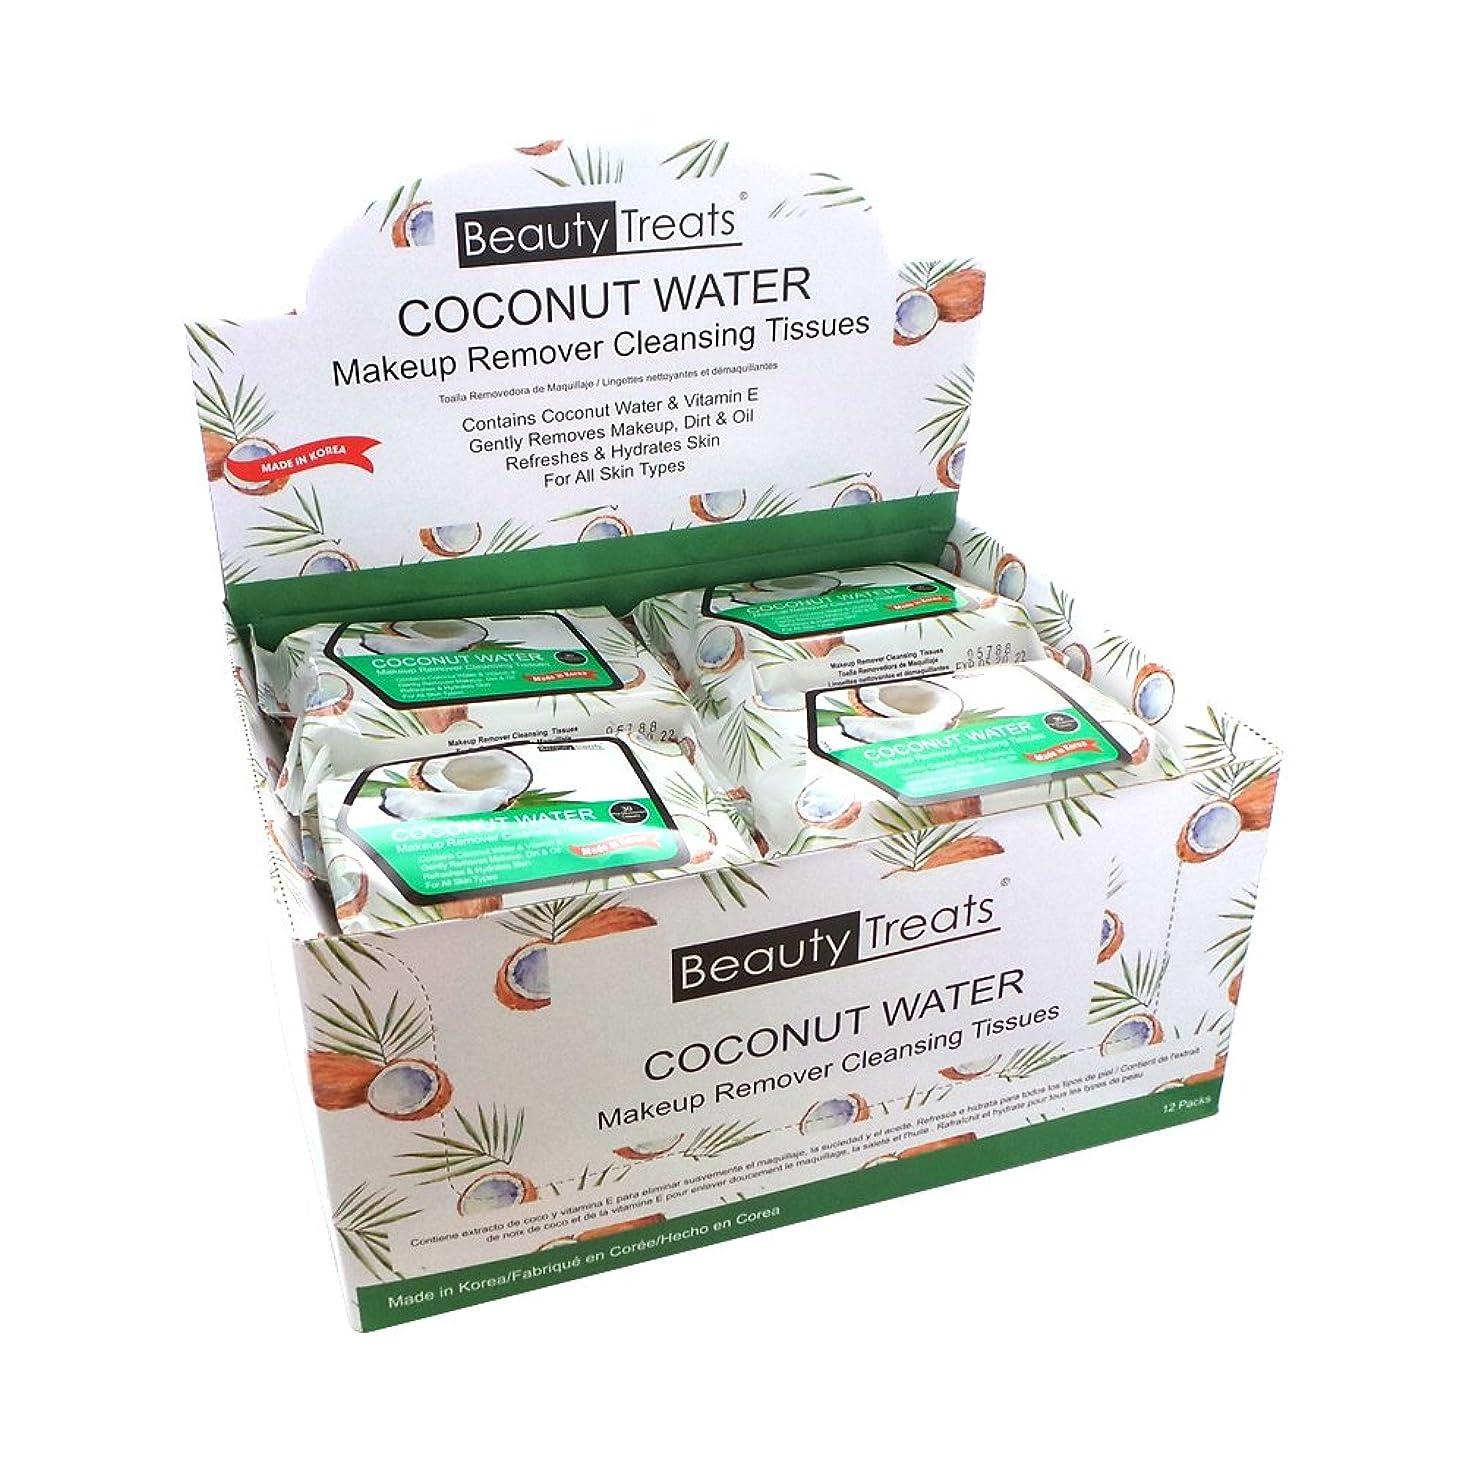 届けるアルカイック洪水BEAUTY TREATS Coconut Water Makeup Remover Cleaning Tissues Display Set, 12 Pieces (並行輸入品)